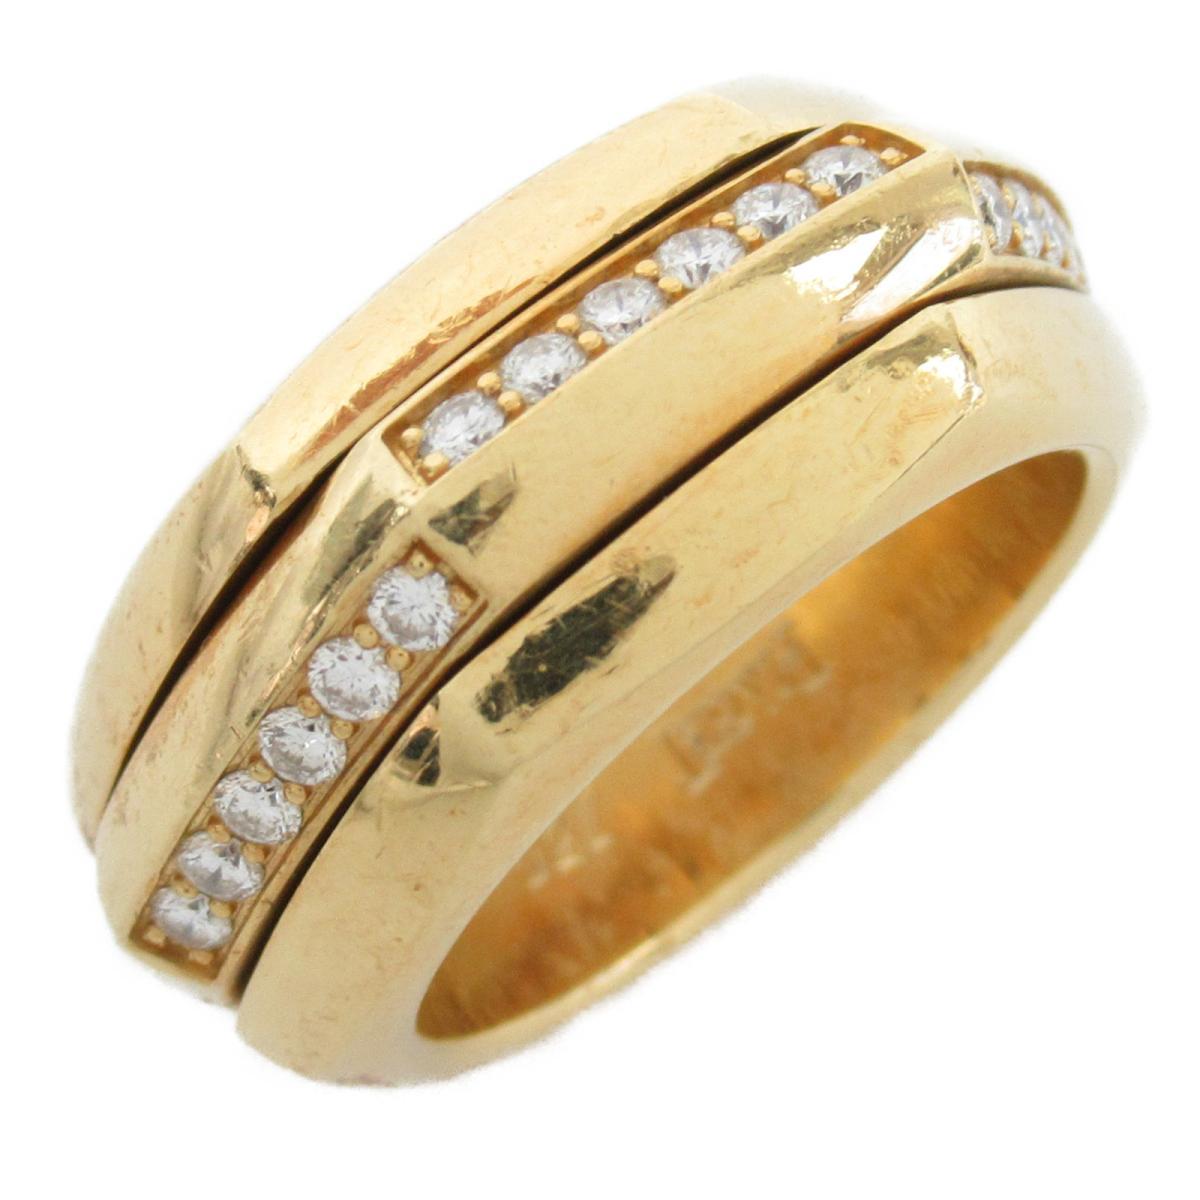 【中古】 ピアジェ メレダイヤリング 指輪 レディース K18YG (750) イエローゴールド x ダイヤモンド   PIAGET BRANDOFF ブランドオフ ブランド ジュエリー アクセサリー リング